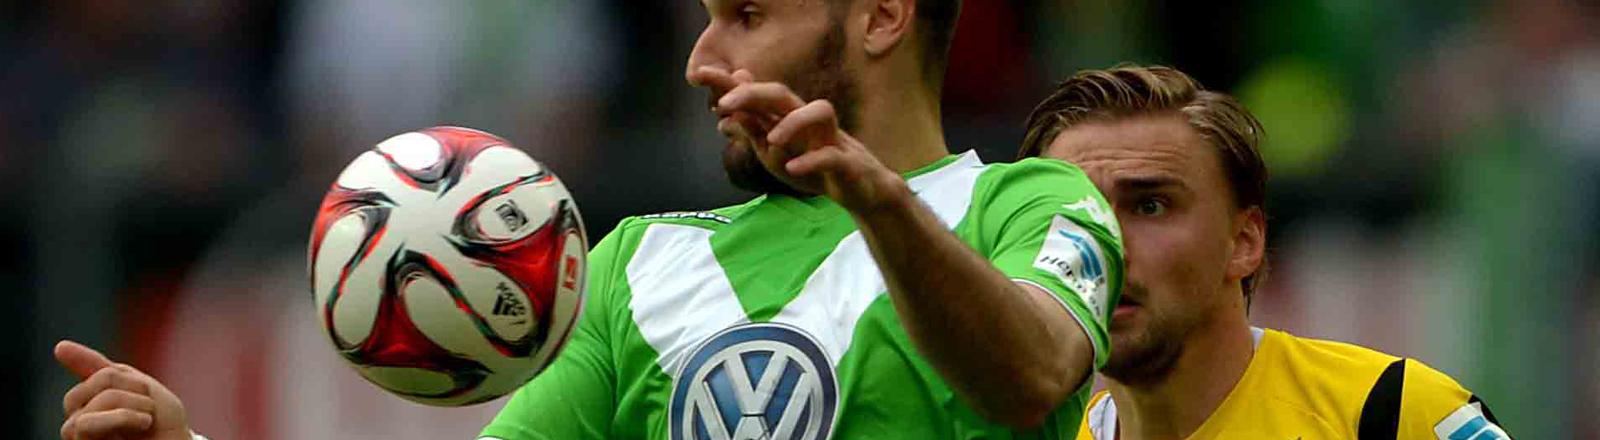 VfL Wolfsburg - Borussia Dortmund am 16.05.2015 in der Volkswagen-Arena in Wolfsburg (Niedersachsen). Der Wolfsburger Daniel Caligiuri (l) und Dortmunds Marcel Schmelzer kämpfen um den Ball.